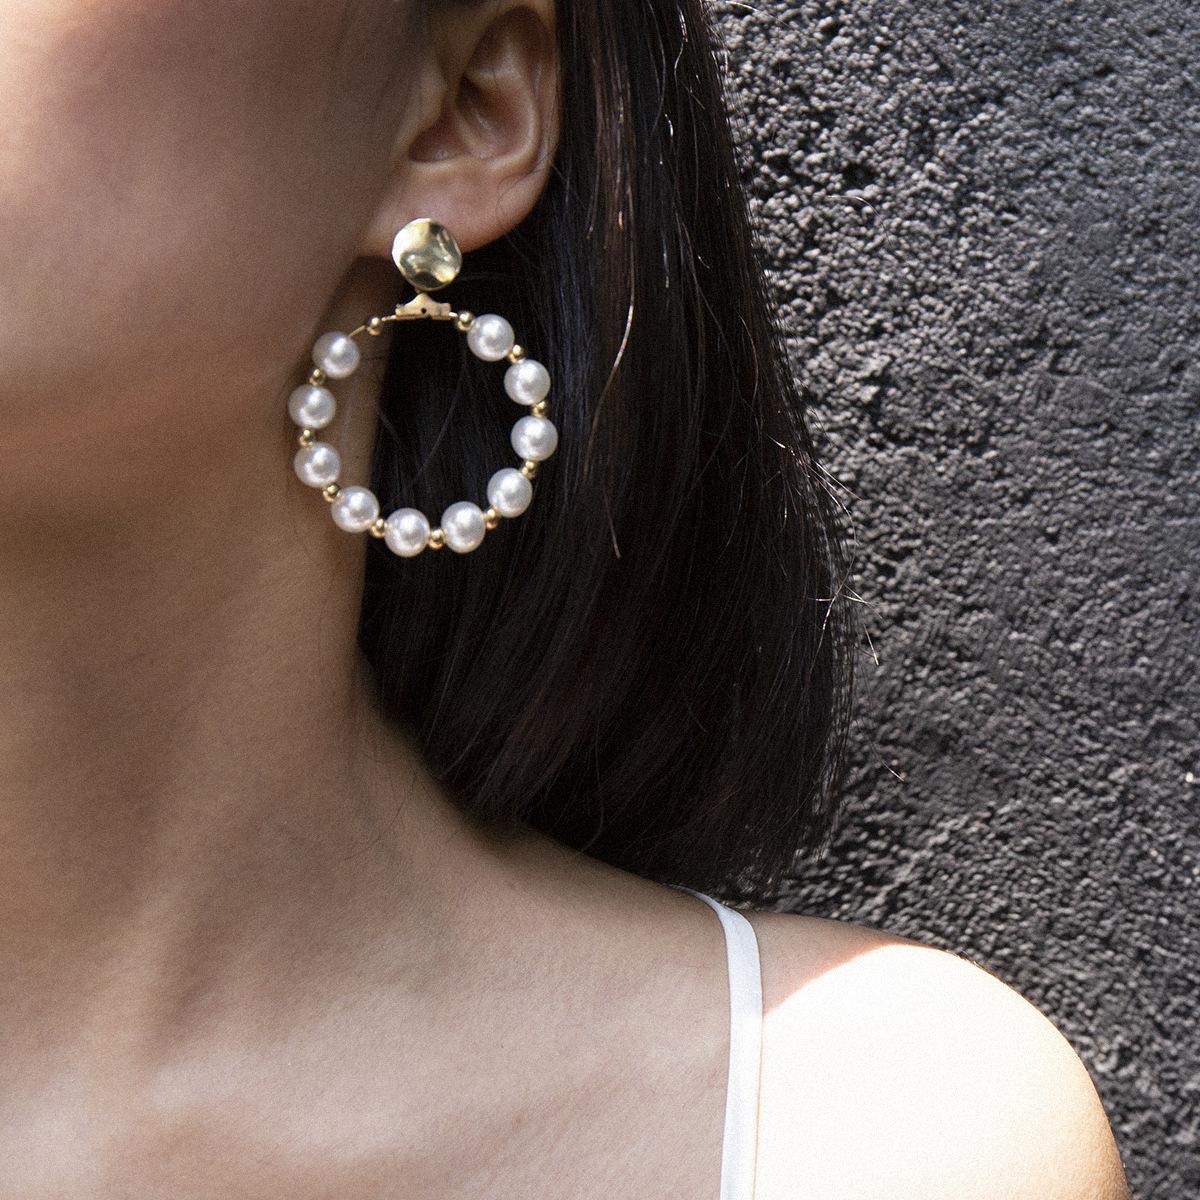 Европейский и американский мода ювелирные изделия темперамент простой геометрии круглые серьги из бисера ретро барокко формы жемчужное кольцо серьги